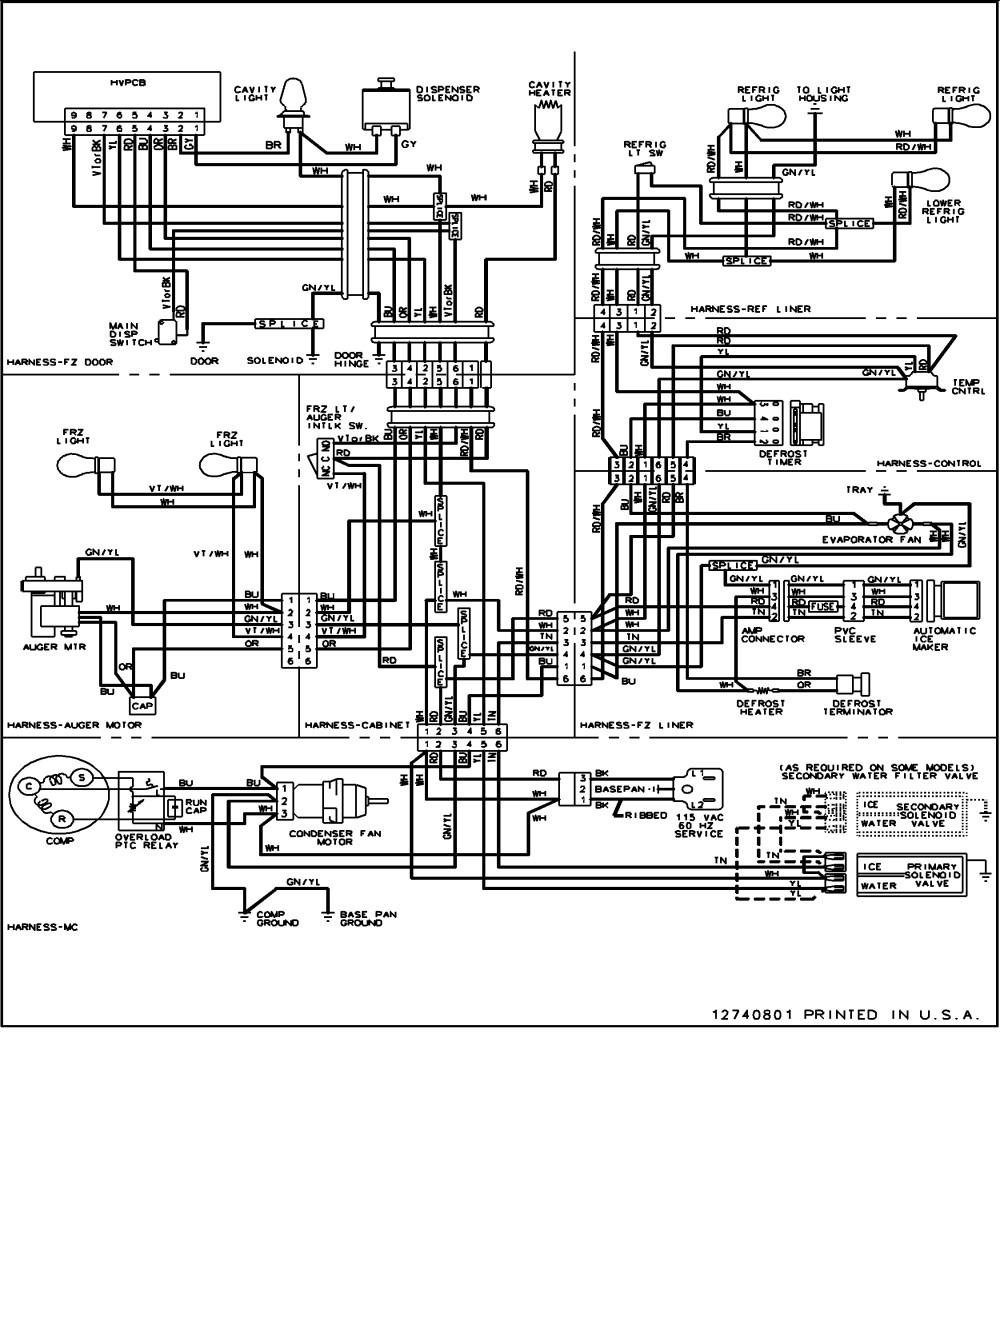 medium resolution of viking wiring diagram wiring diagram for youviking range wiring diagram download wiring diagram sample viking oven